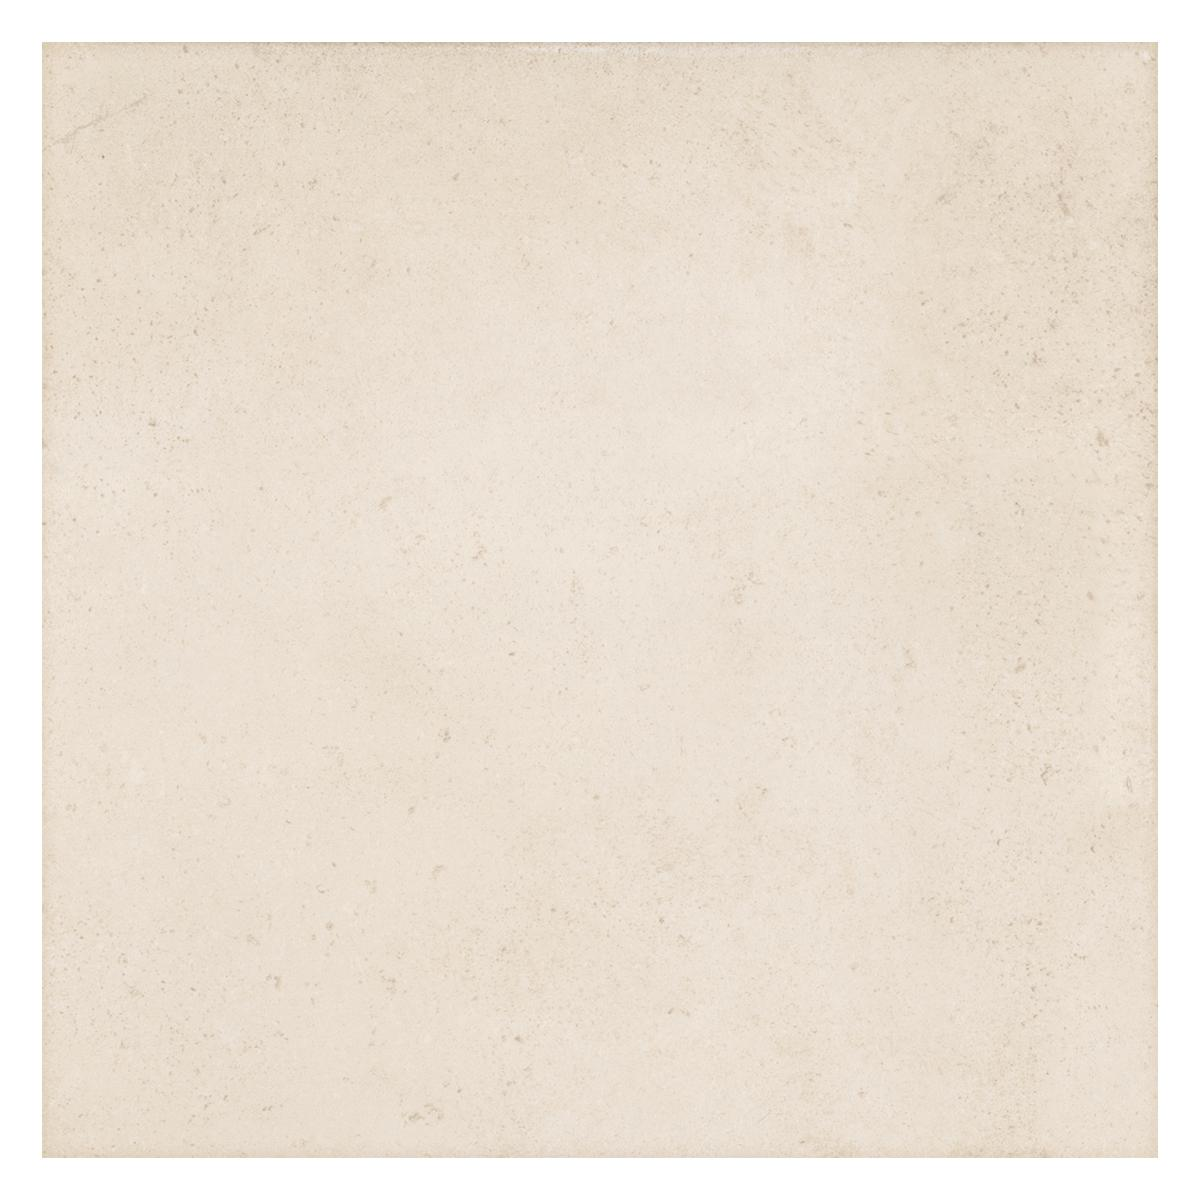 Piso Capriccio Marfil Mate - 45X45 cm - 2.08 m2